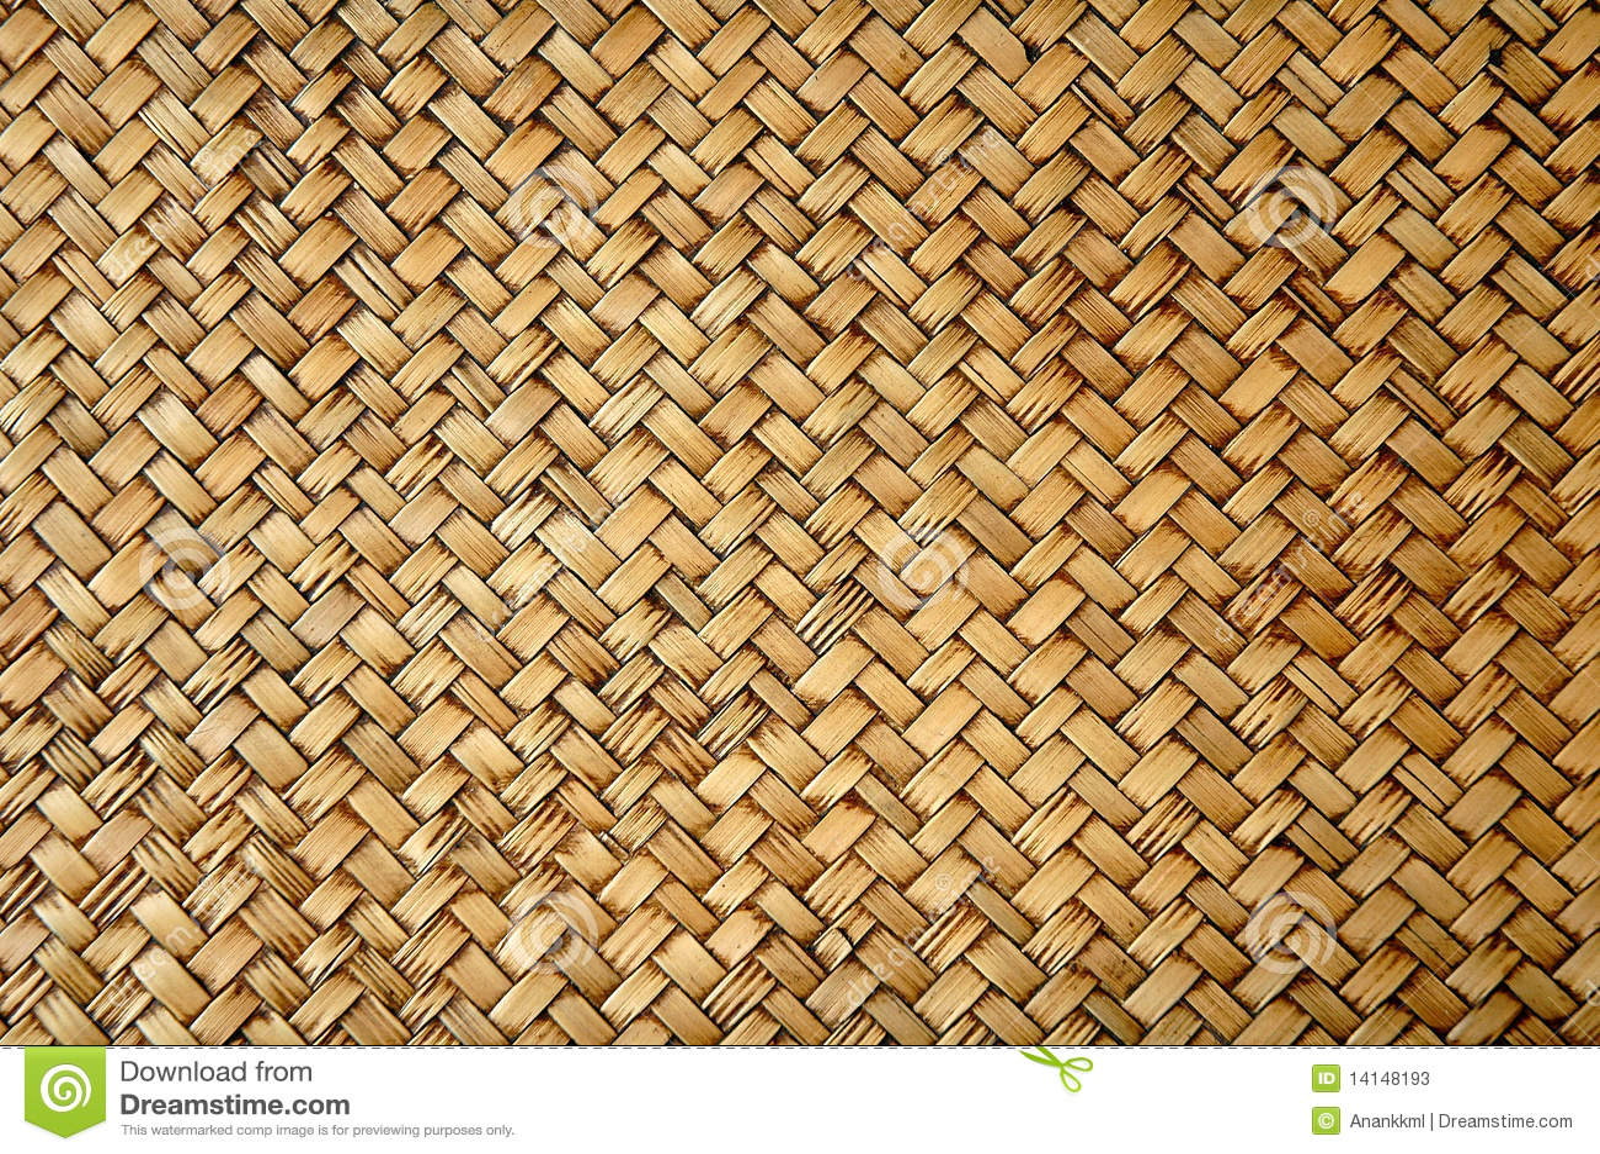 Muebles de bamb for Muebles de tailandia